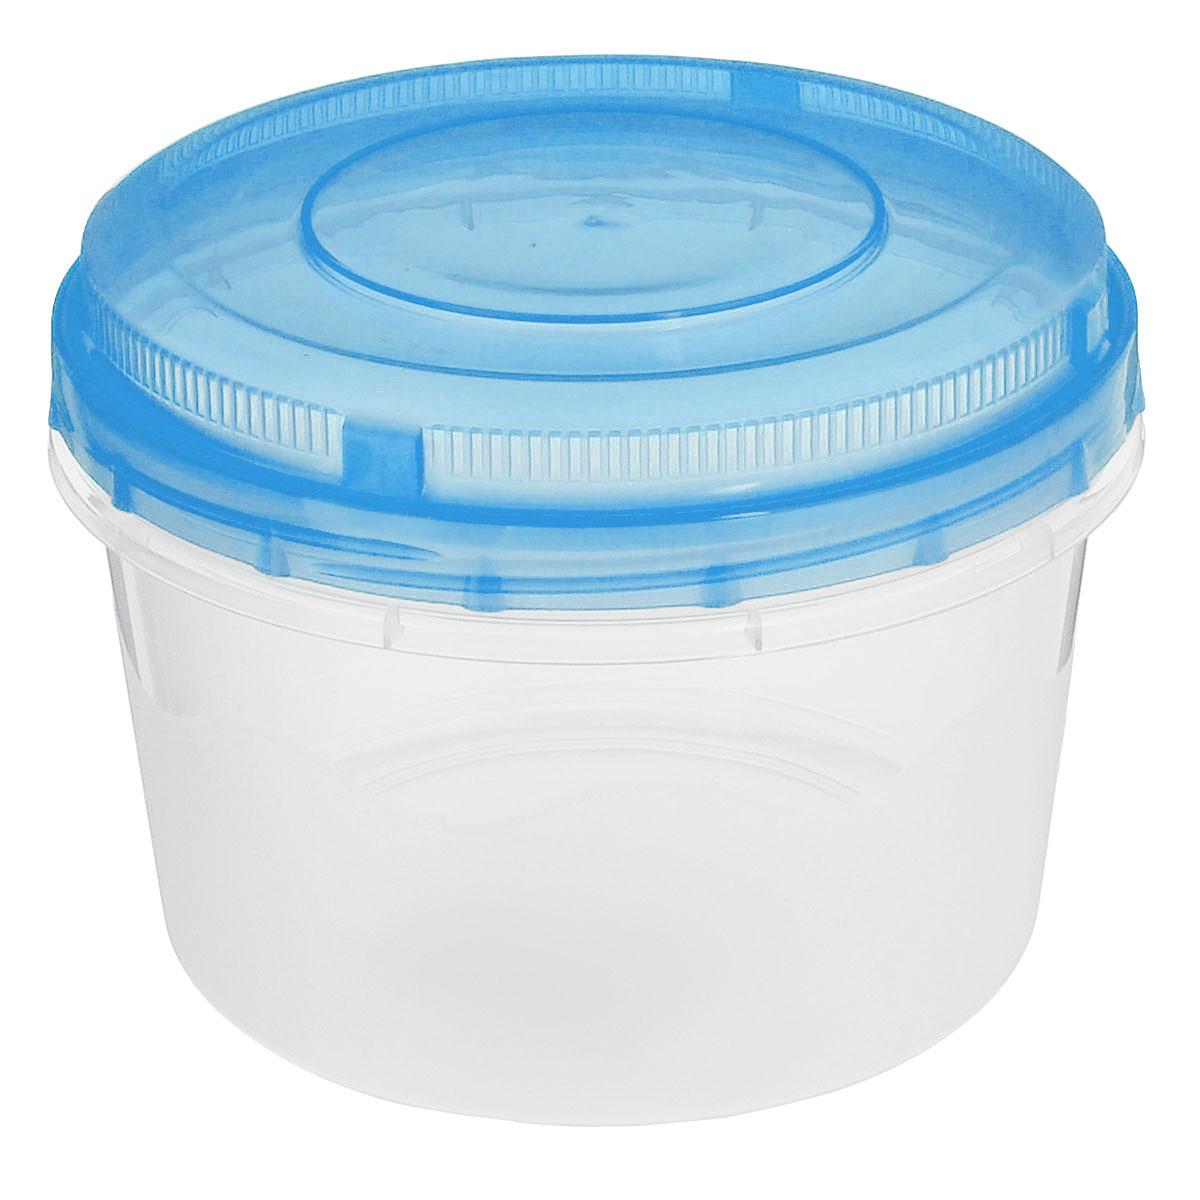 Емкость для СВЧ Альтернатива, цвет: прозрачный, голубой, 1 лМ1185_прозрачный, голубойКруглая емкость для СВЧ Альтернатива, выполненная из пластика, предназначена специально для хранения пищевых продуктов. Крышка легко открывается и плотно закрывается. Устойчива к воздействию масел и жиров, легко моется. Прозрачные стенки позволяют видеть содержимое. Емкость необыкновенно удобна: в ней можно брать еду на работу, за город, ребенку в школу. Именно поэтому подобные емкости обретают все большую популярность. Можно мыть в посудомоечной машине.